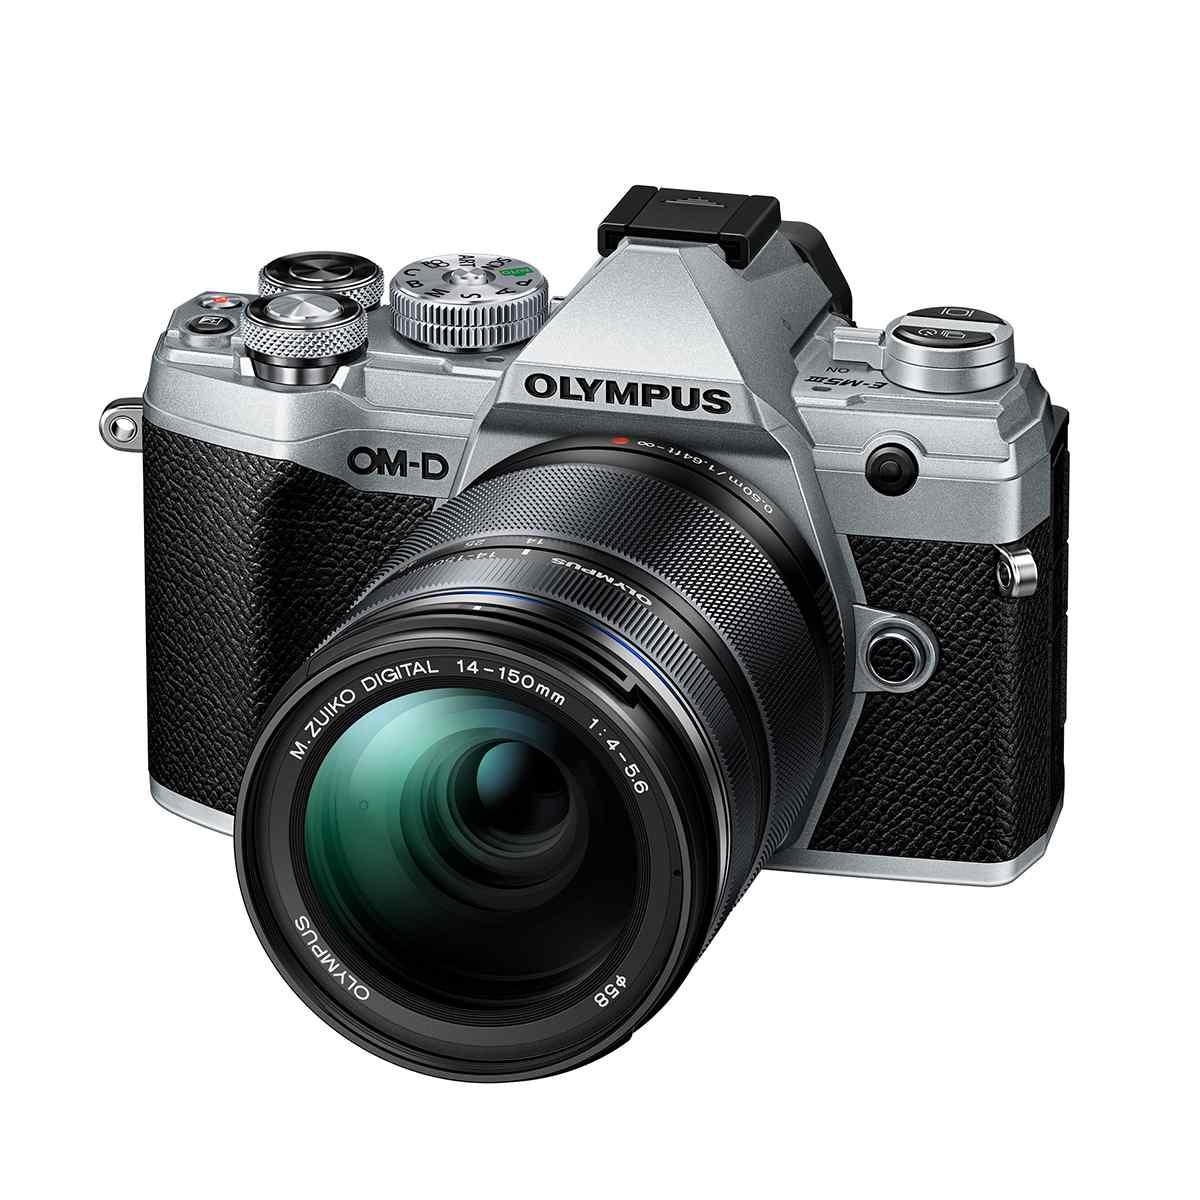 ファン待望の新モデル! オリンパス「OM-D E-M5 Mark III」登場